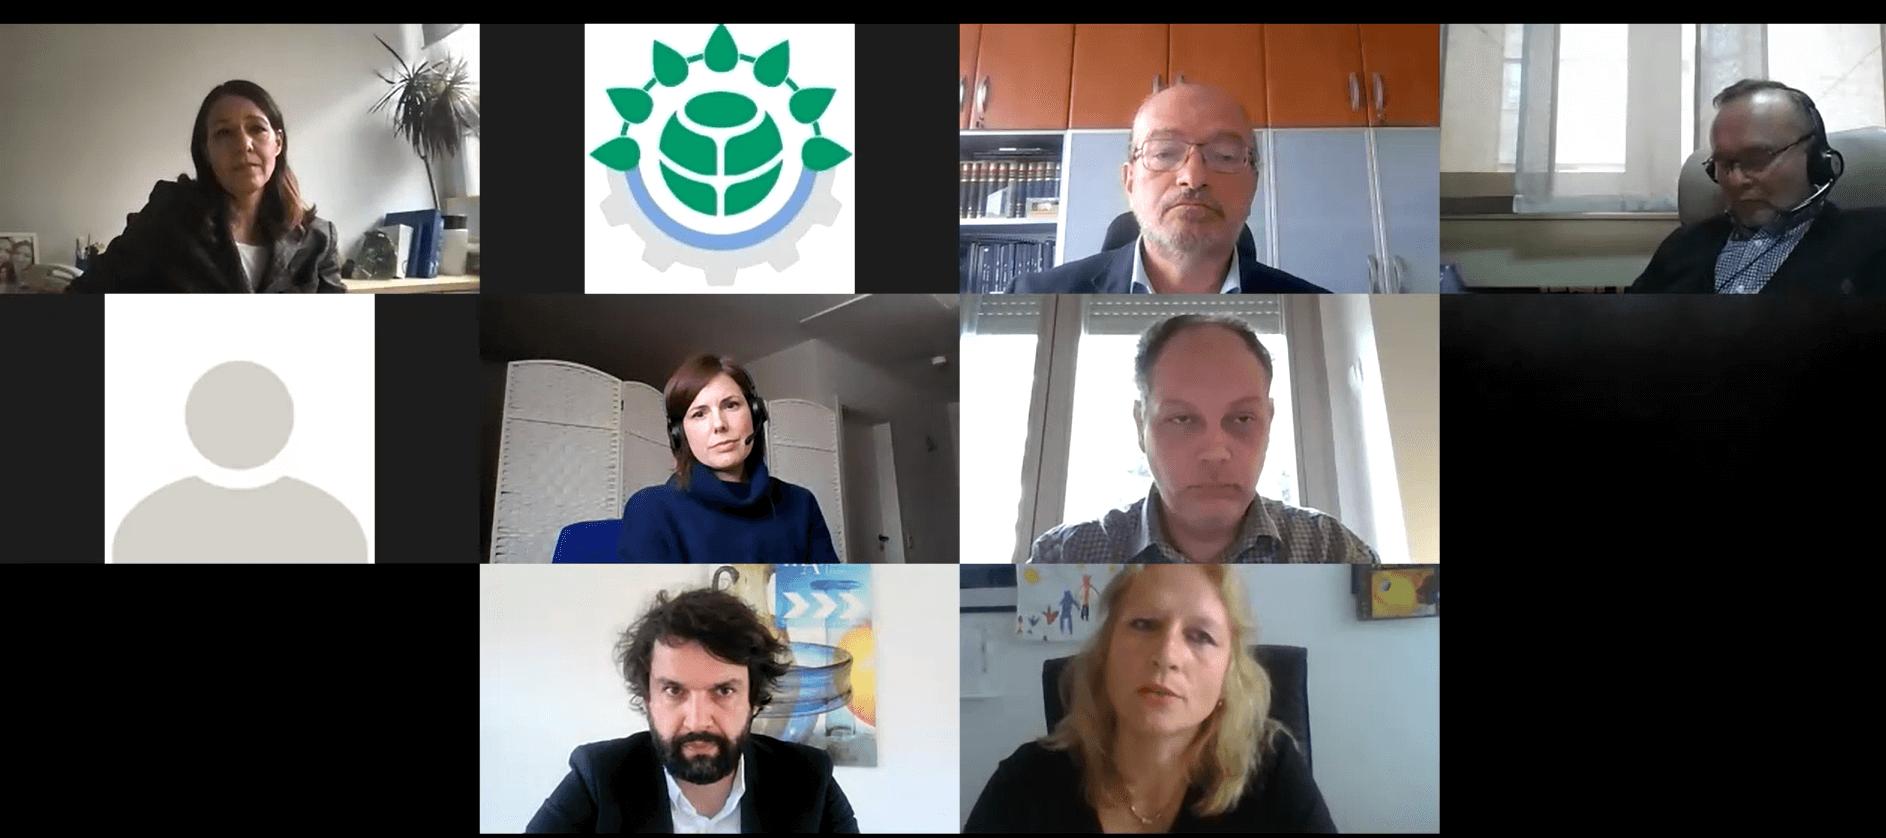 HR PSOR RAZGOVORI 1 - hrpsor Hrvatski poslovni savjet za održivi razvoj